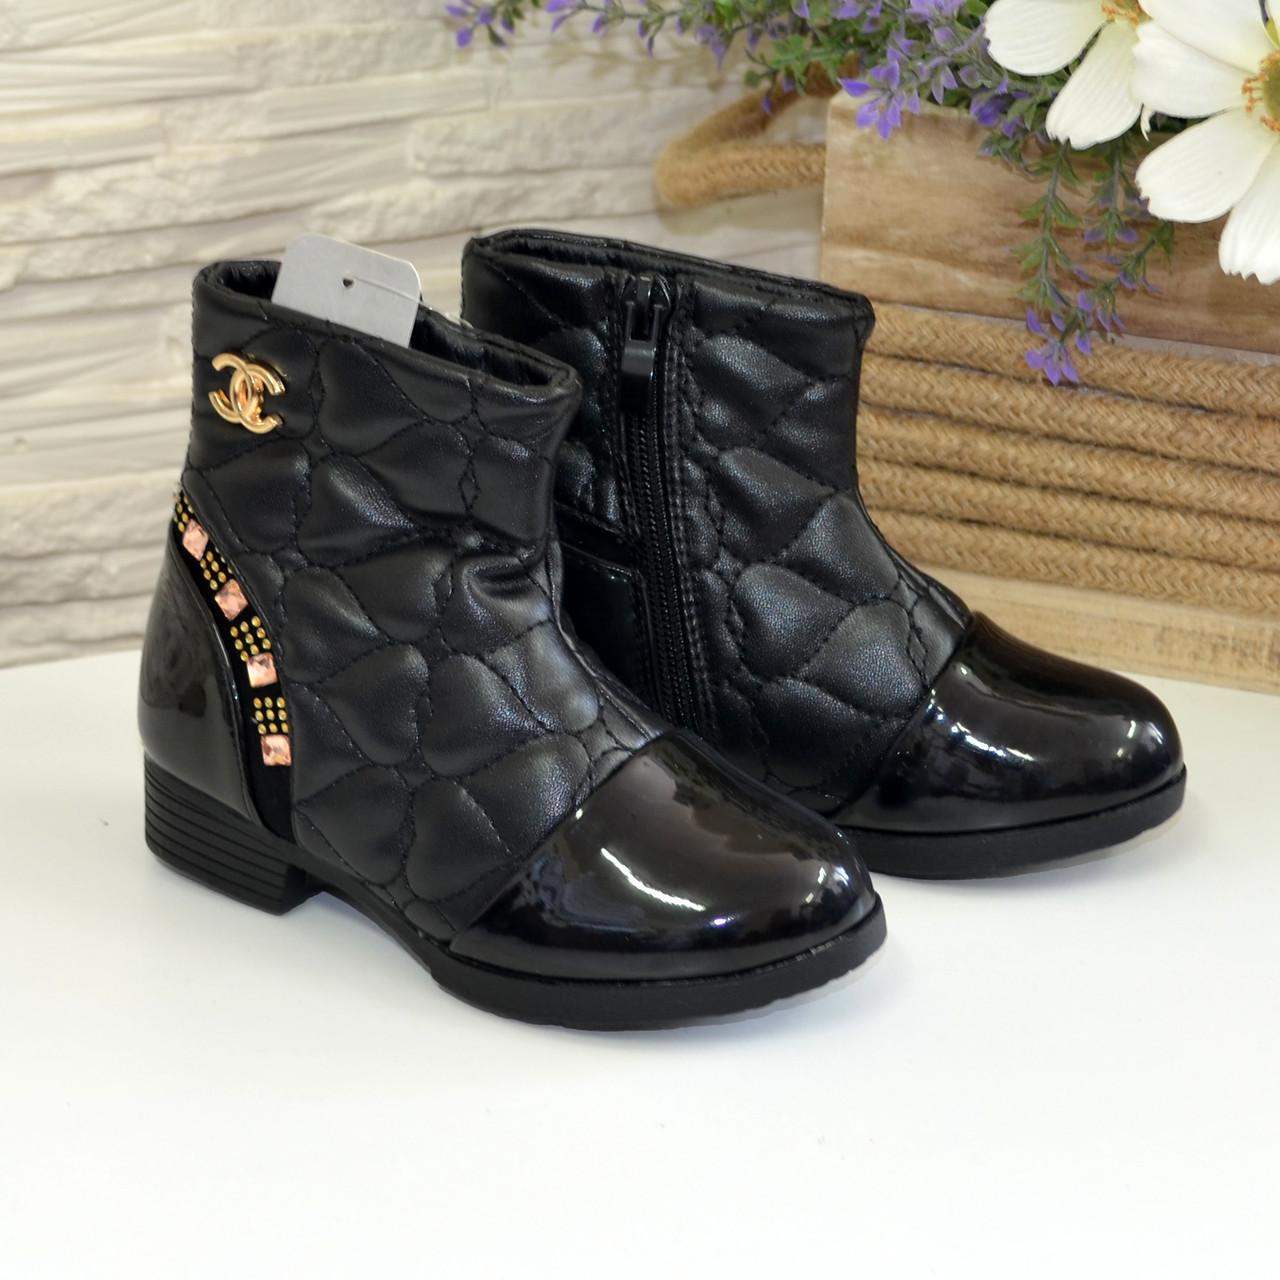 Ботинки демисезонные для девочки, черный цвет. Размер: 27,28